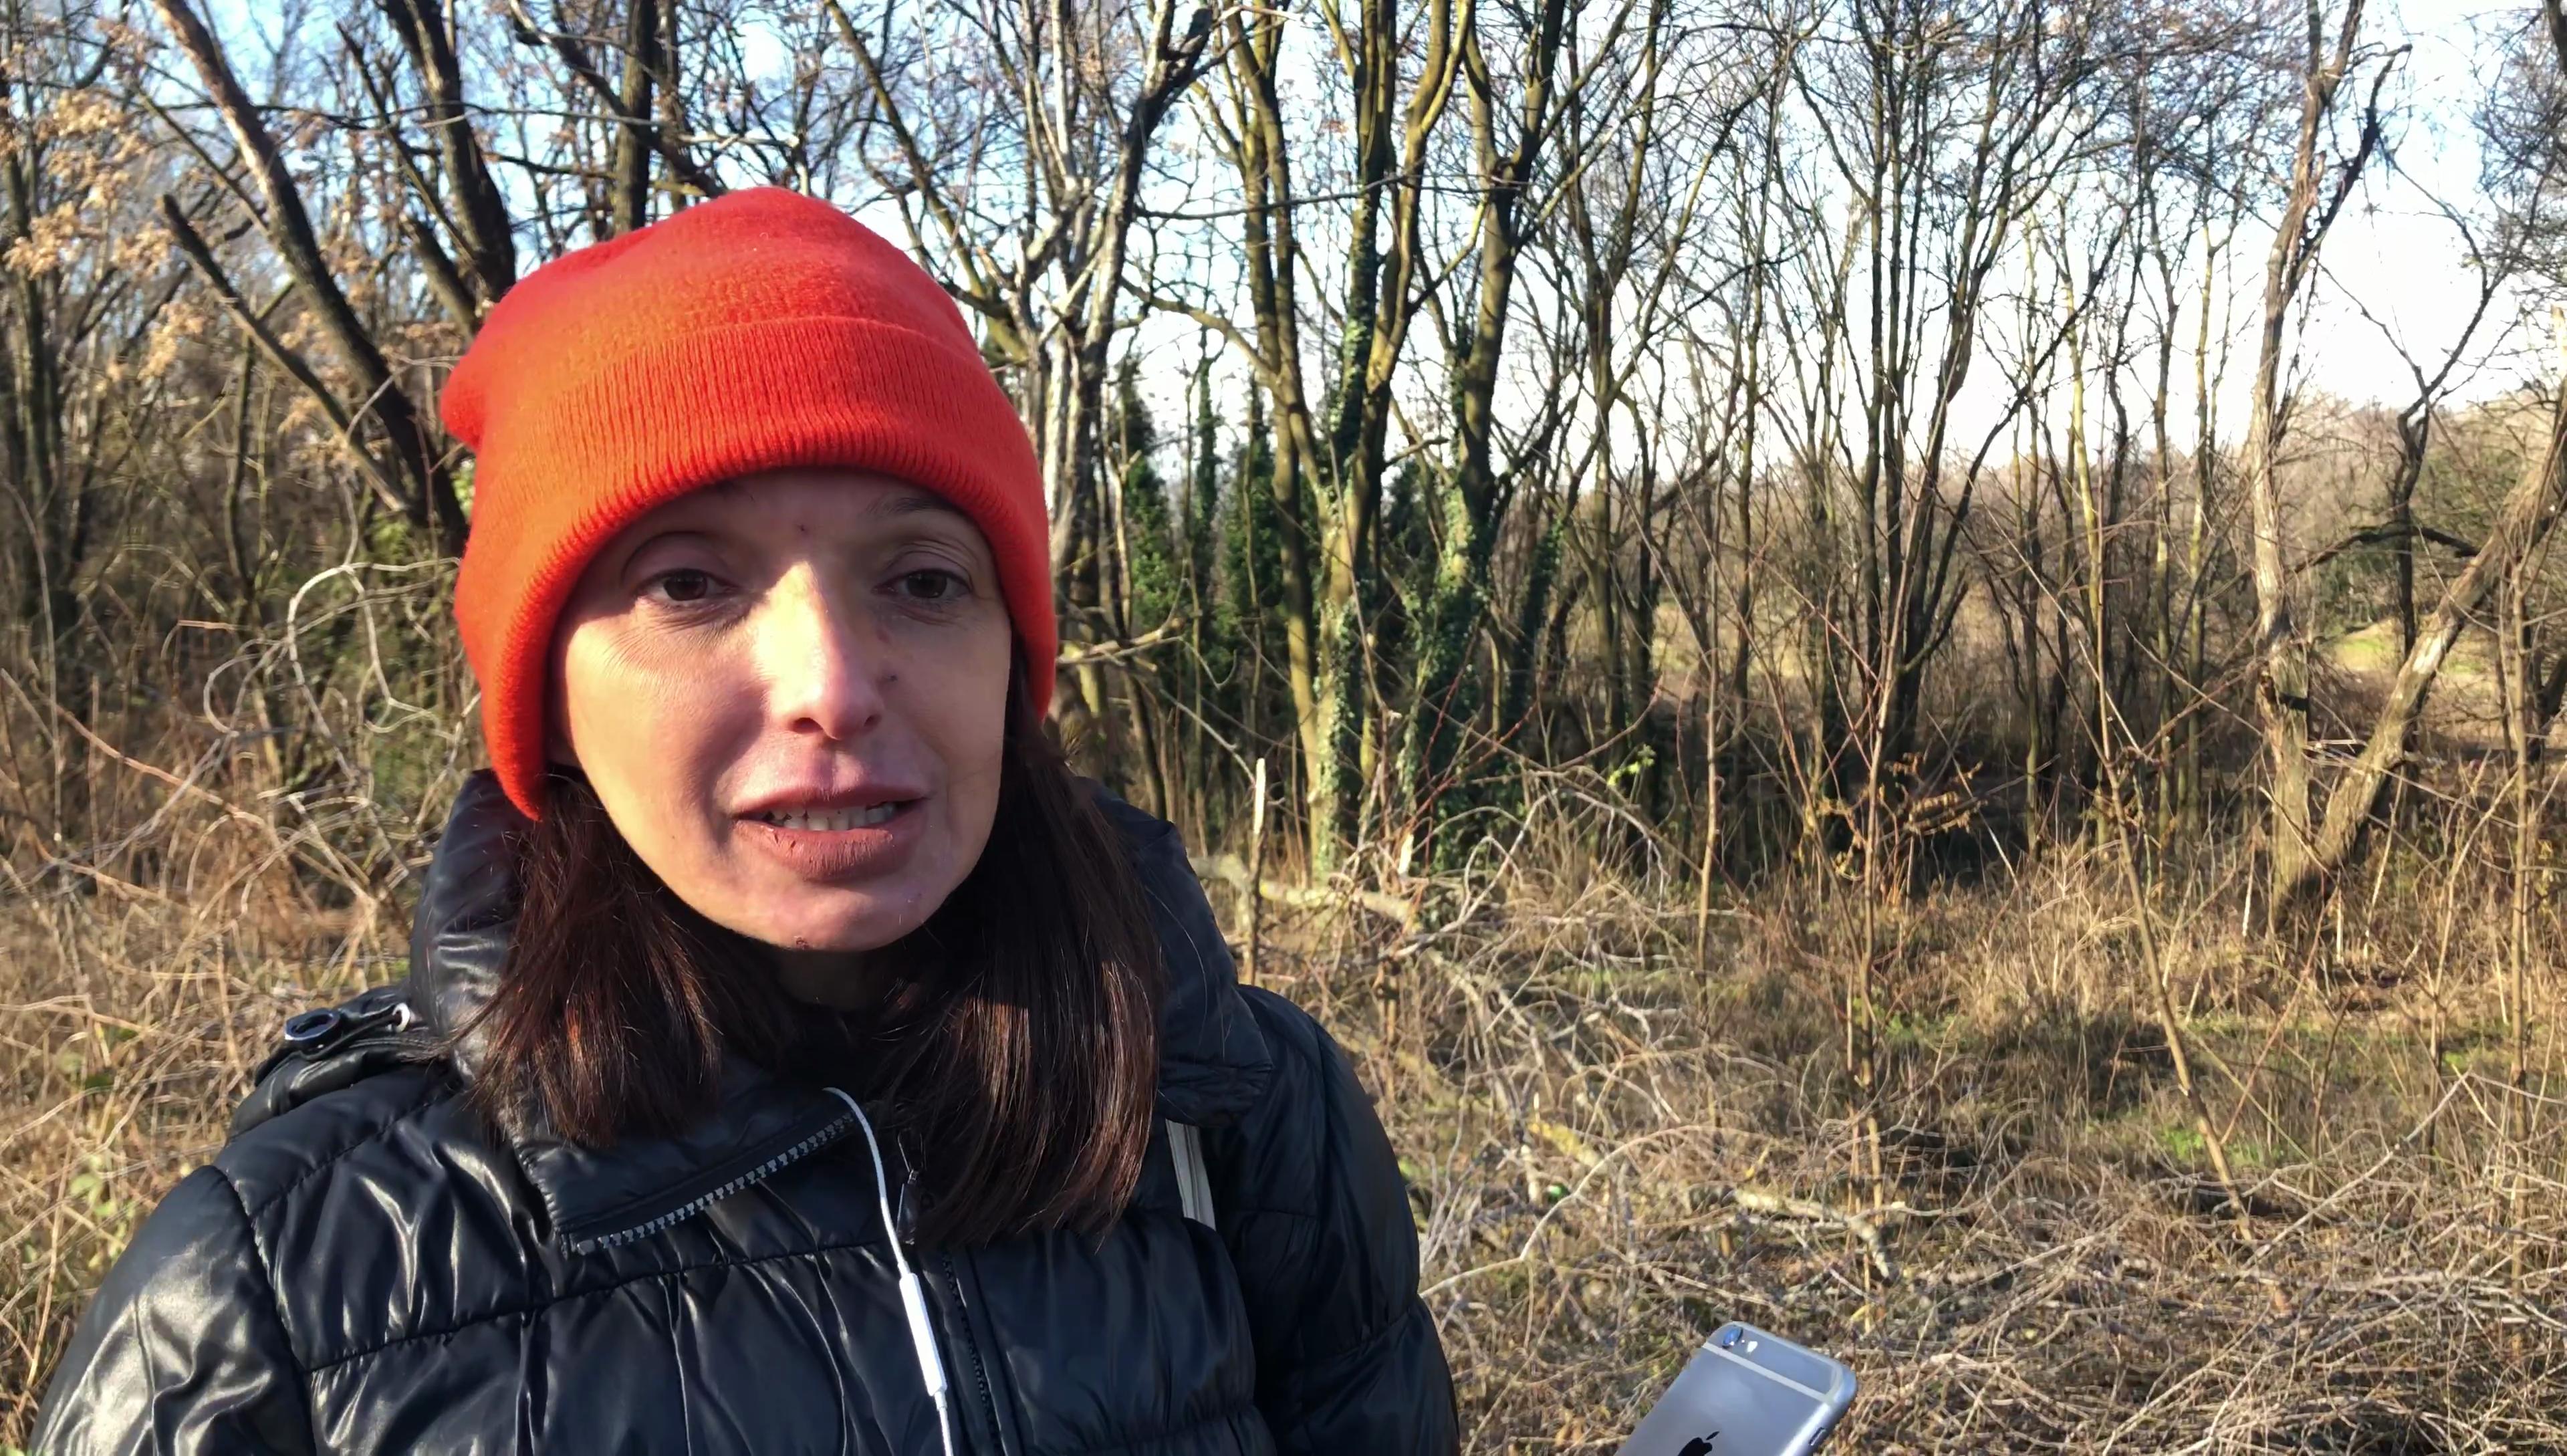 Annarita Briganti ha organizzato l'incontro con giornalisti e scrittori alla vigilia di Natale nel Boschetto